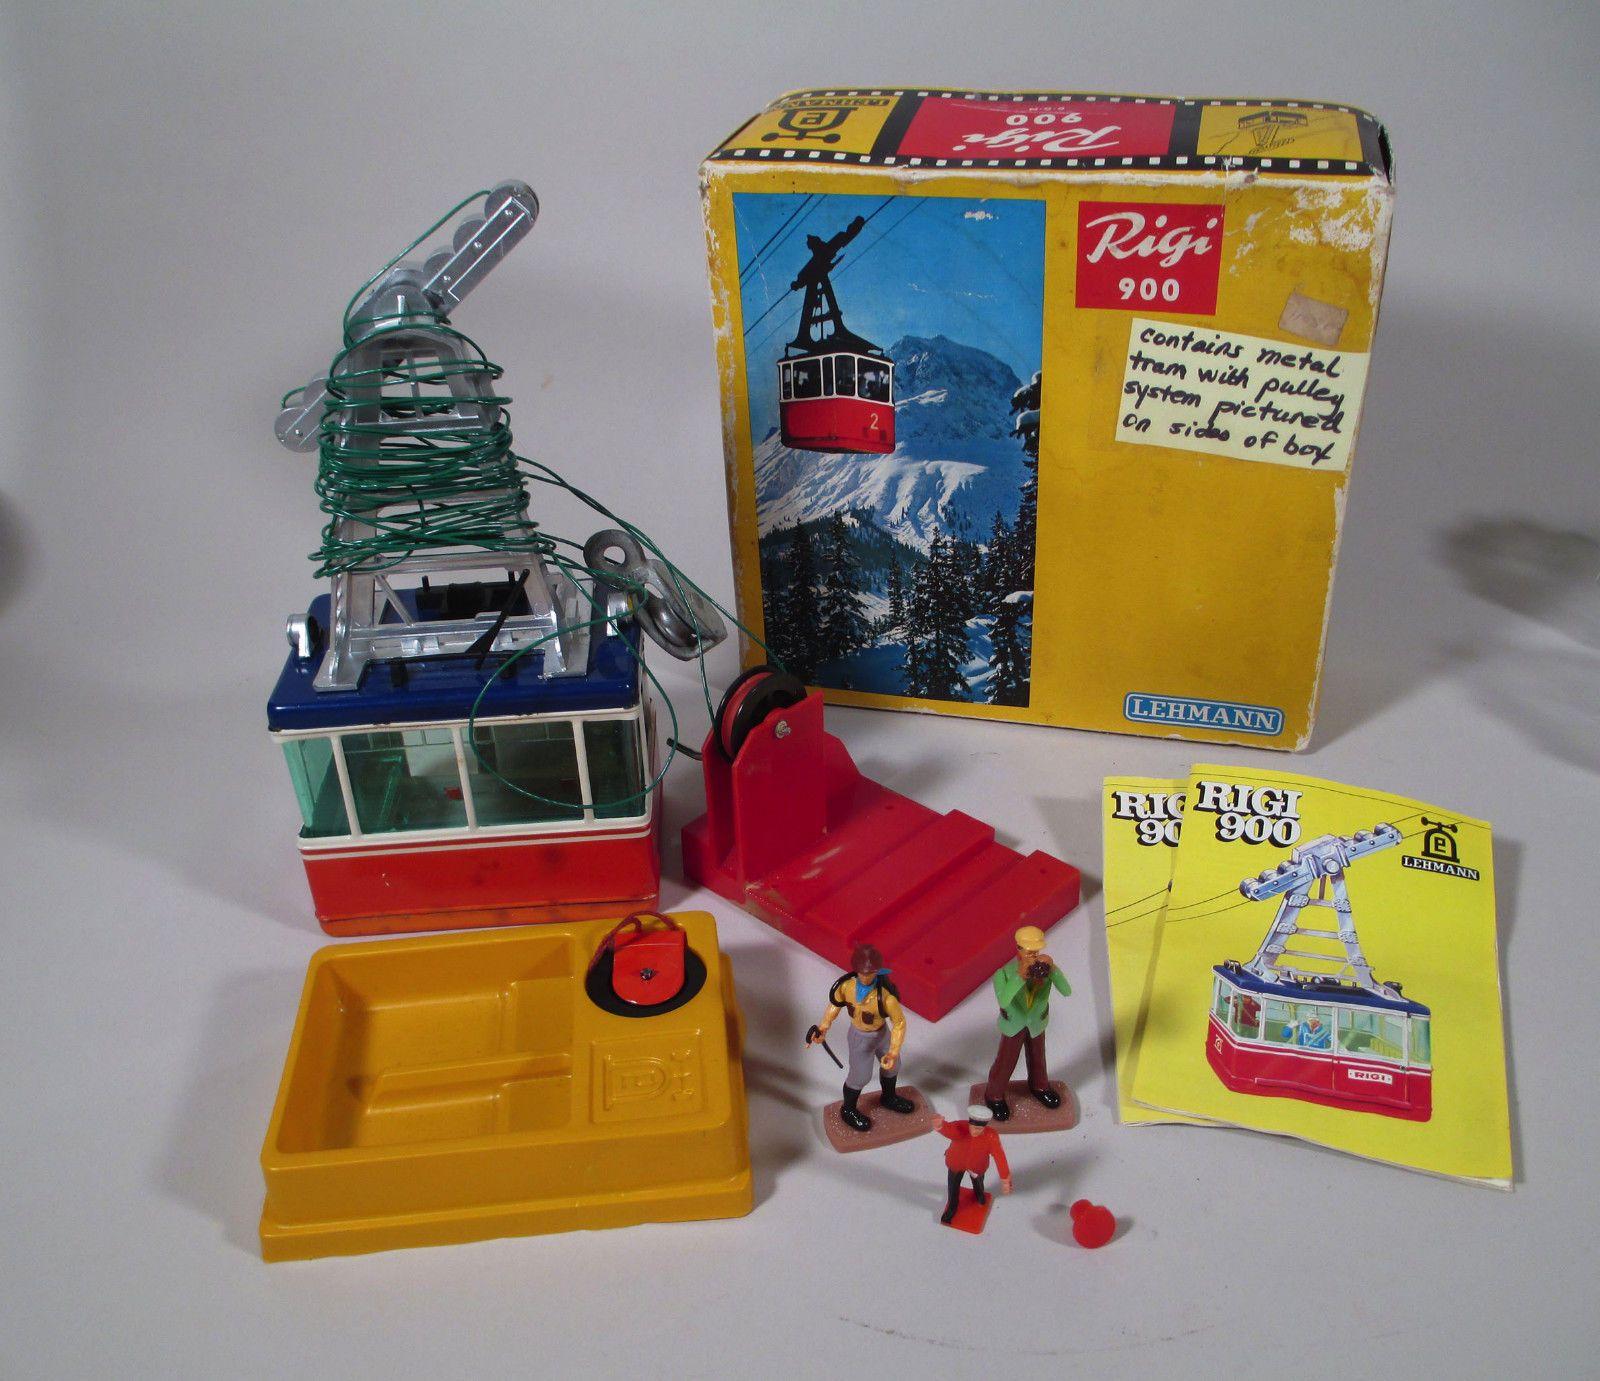 Vintage Lehmann Rigi 900 Gondola Ski Lift Cable Car Toy